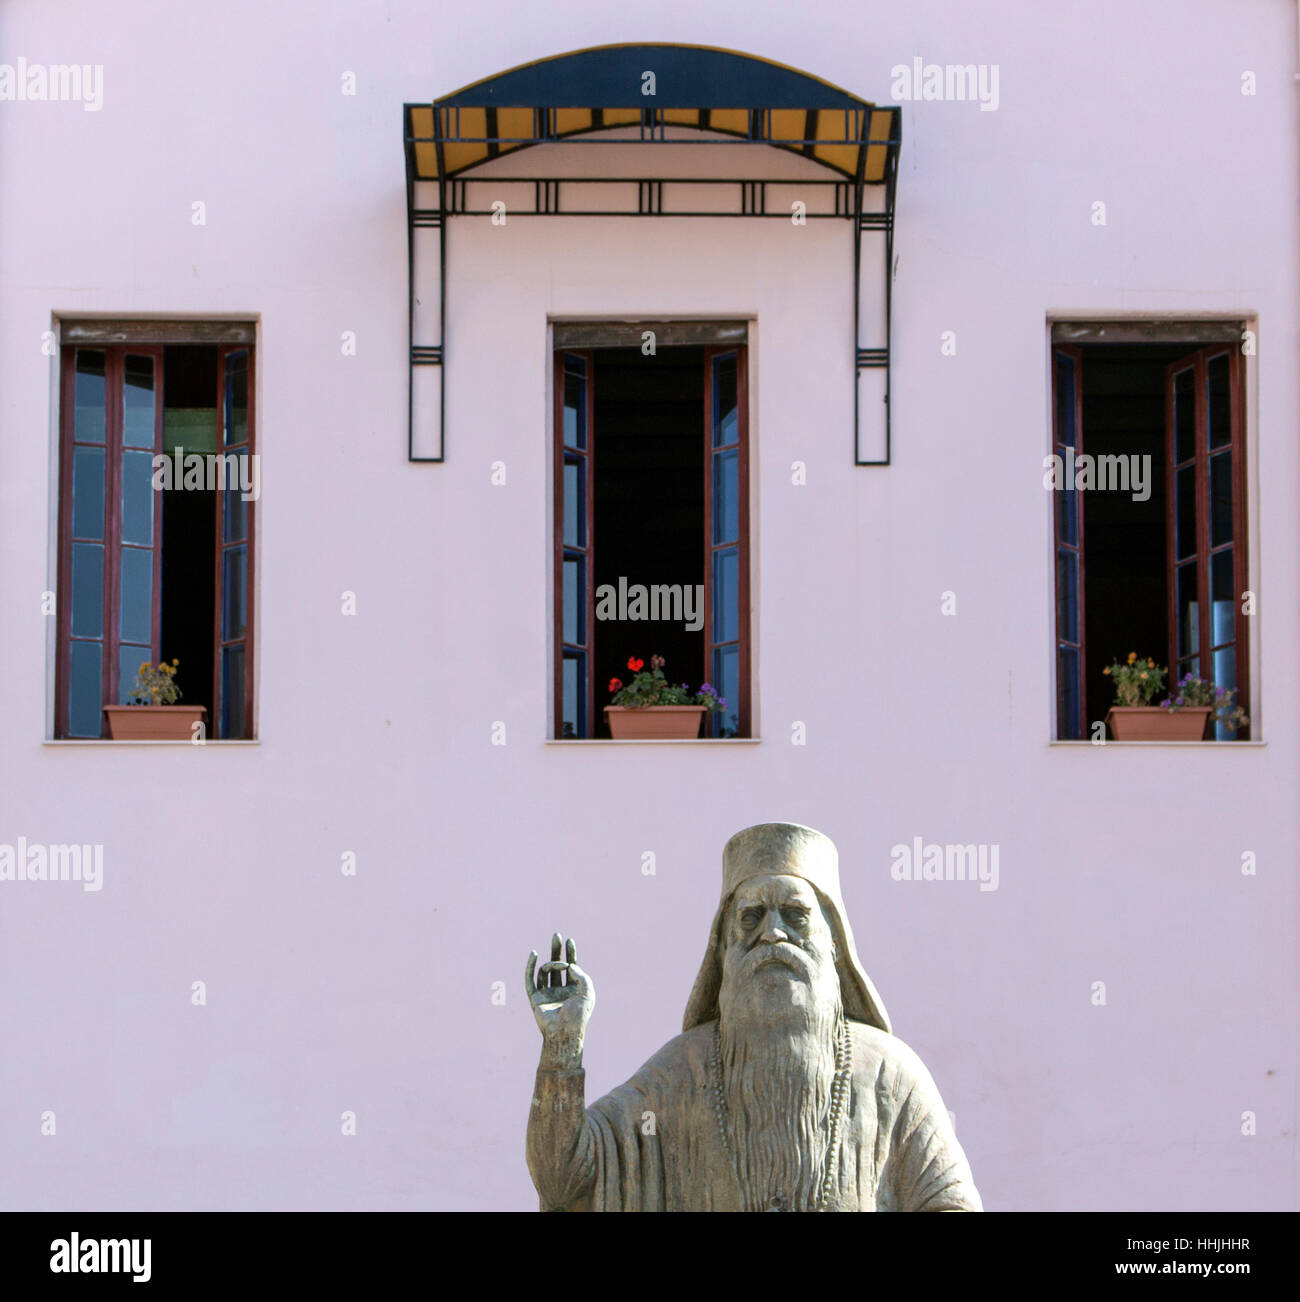 Statue avec main levée et trois doigts vers le haut trois fenêtres Photo Stock